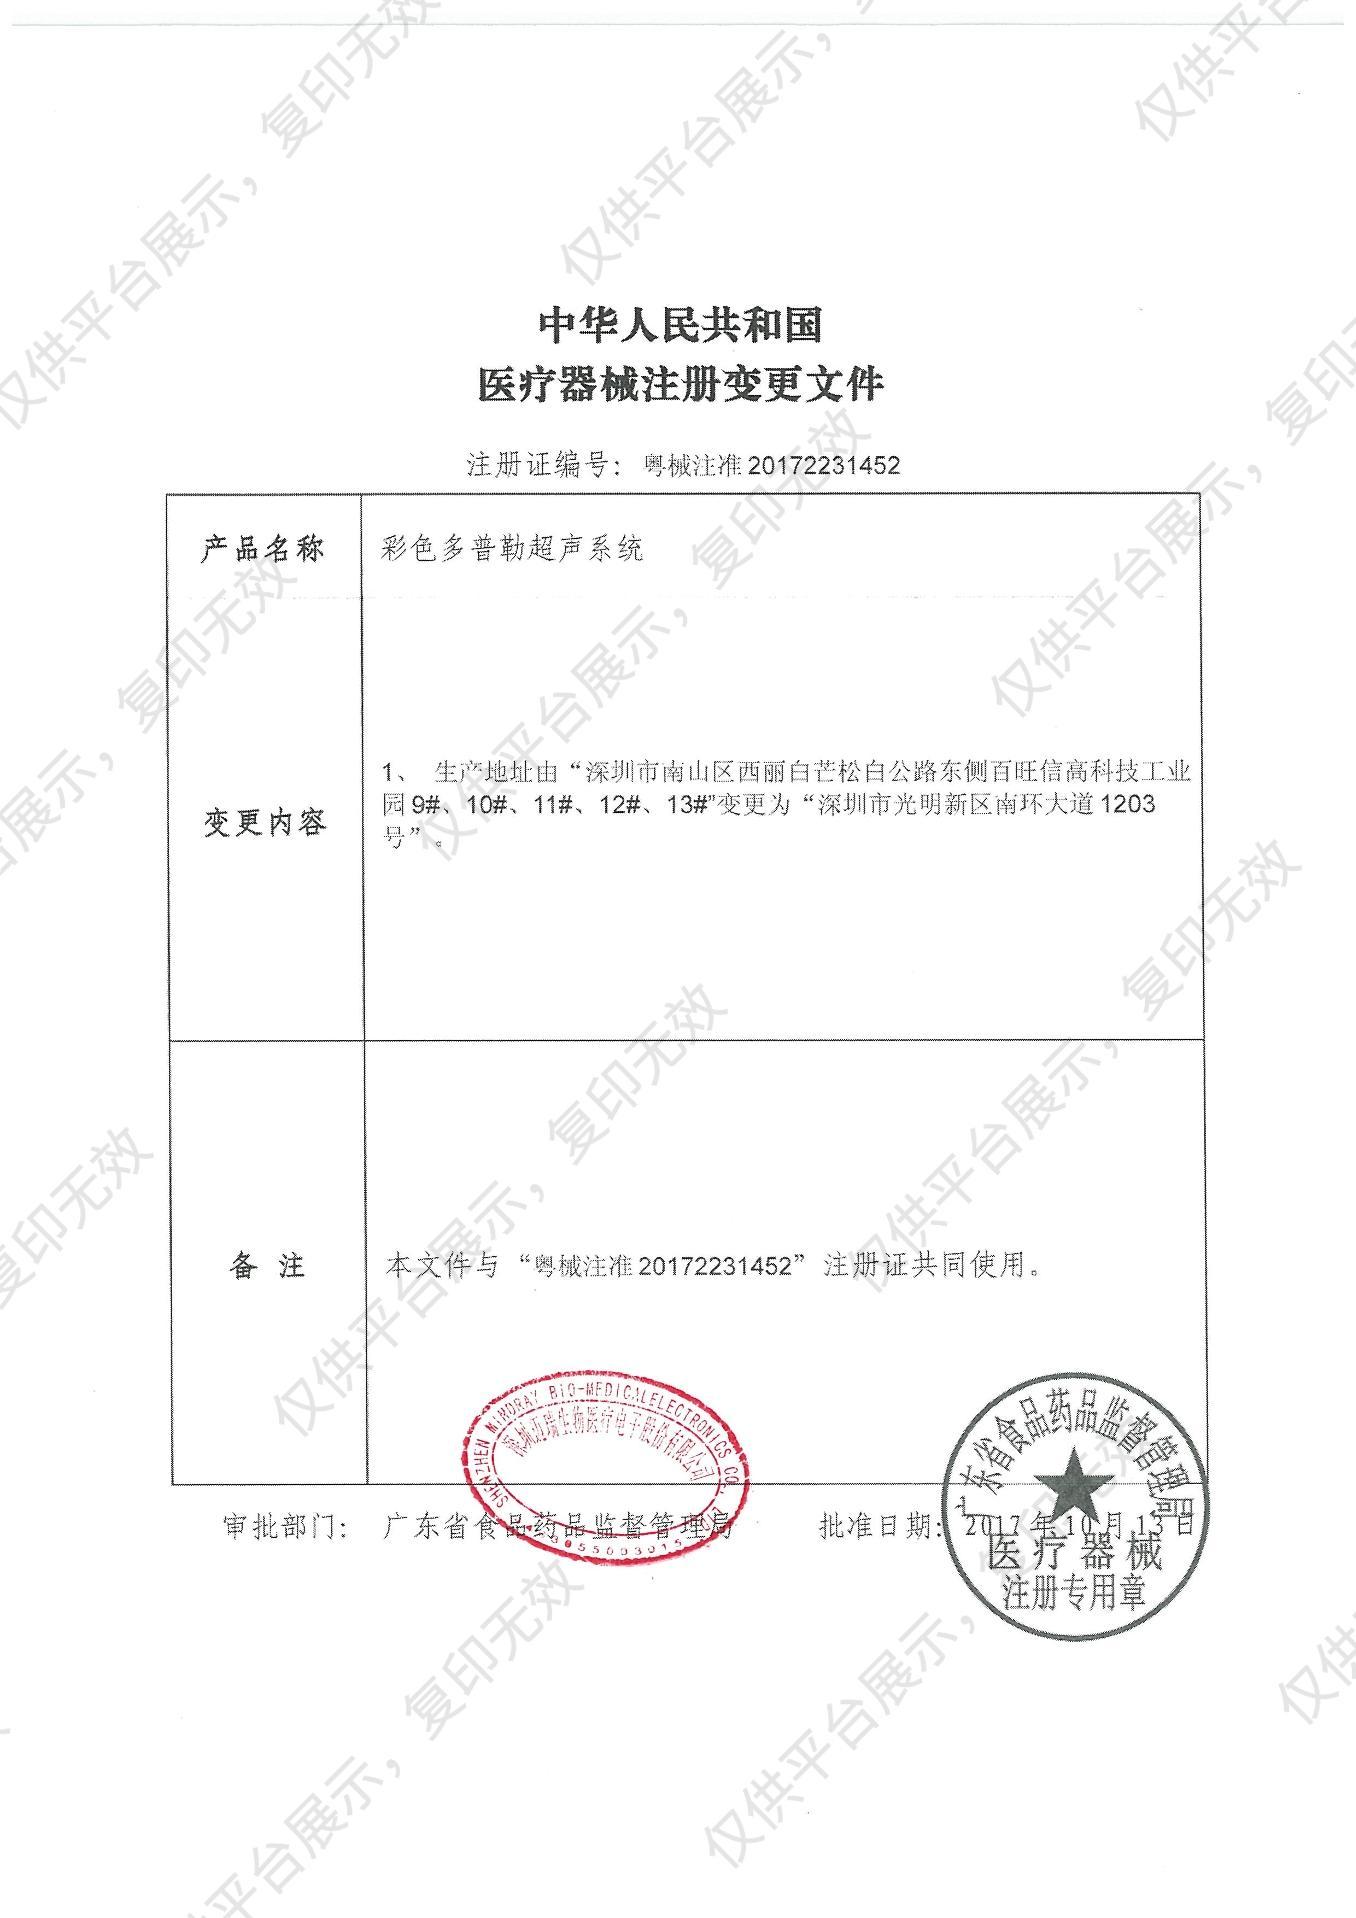 迈瑞Mindray 彩色多普勒超声系统 Resona 6T注册证